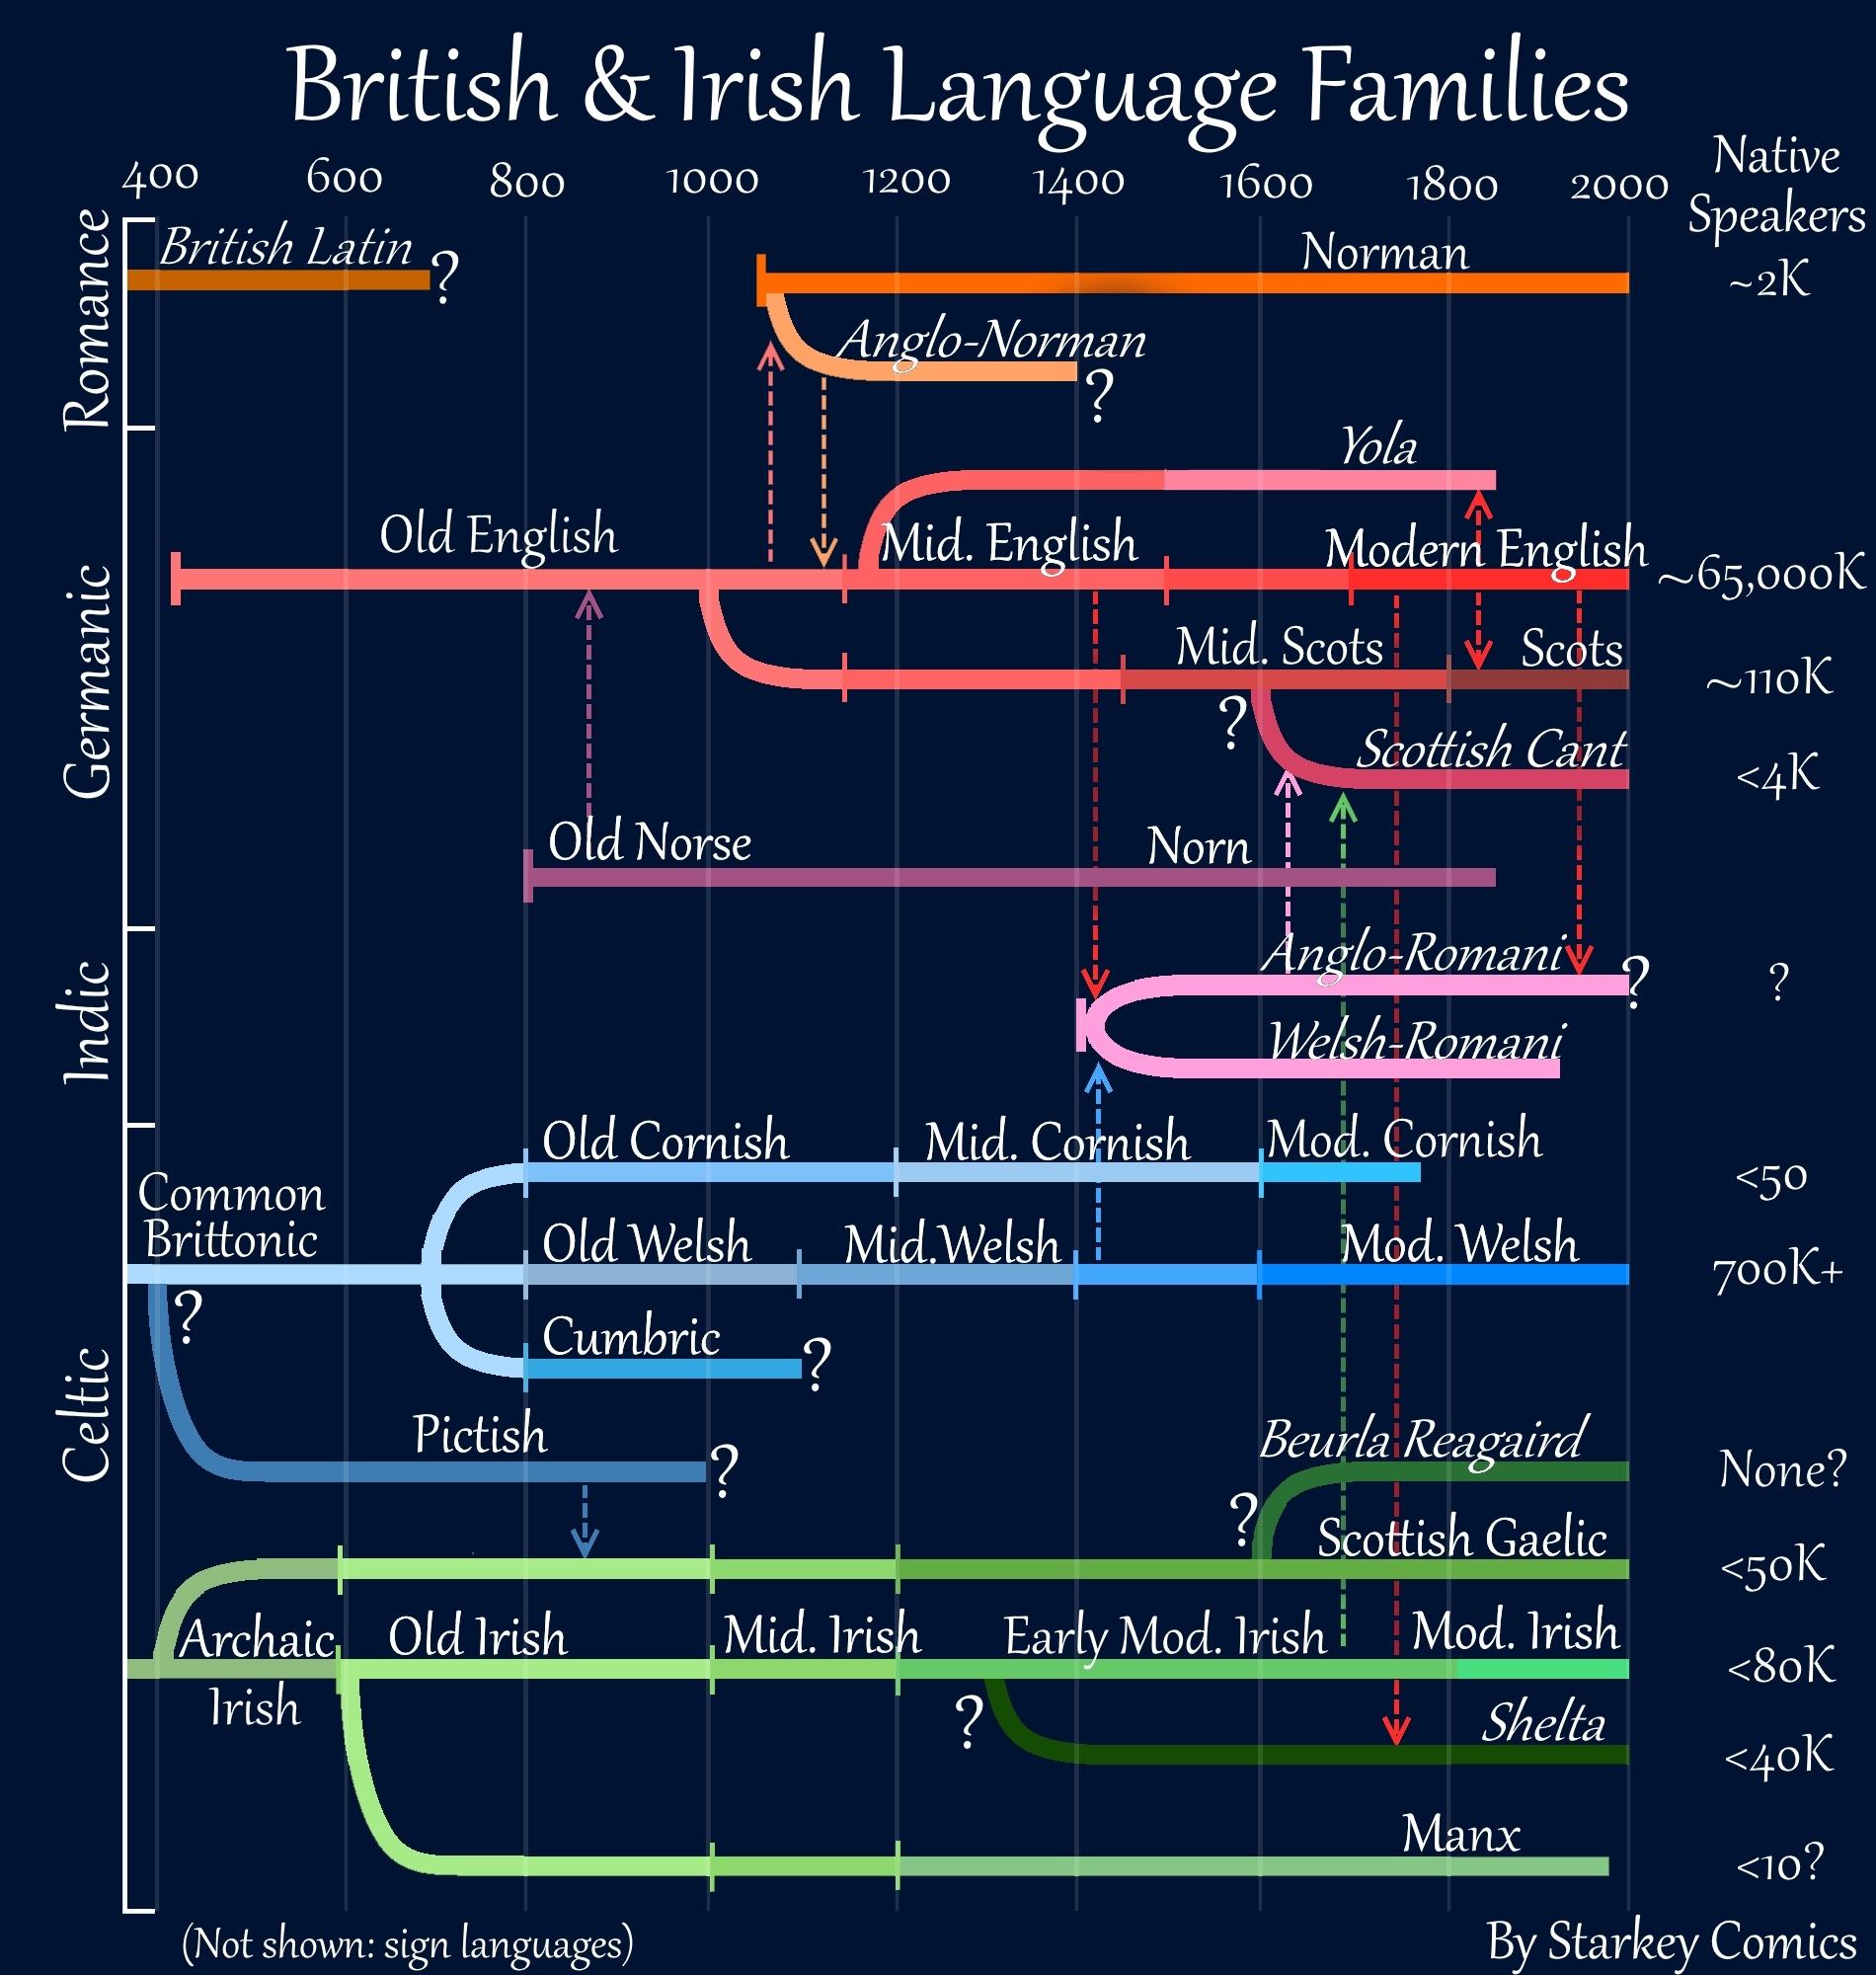 Every Native British and Irish Language